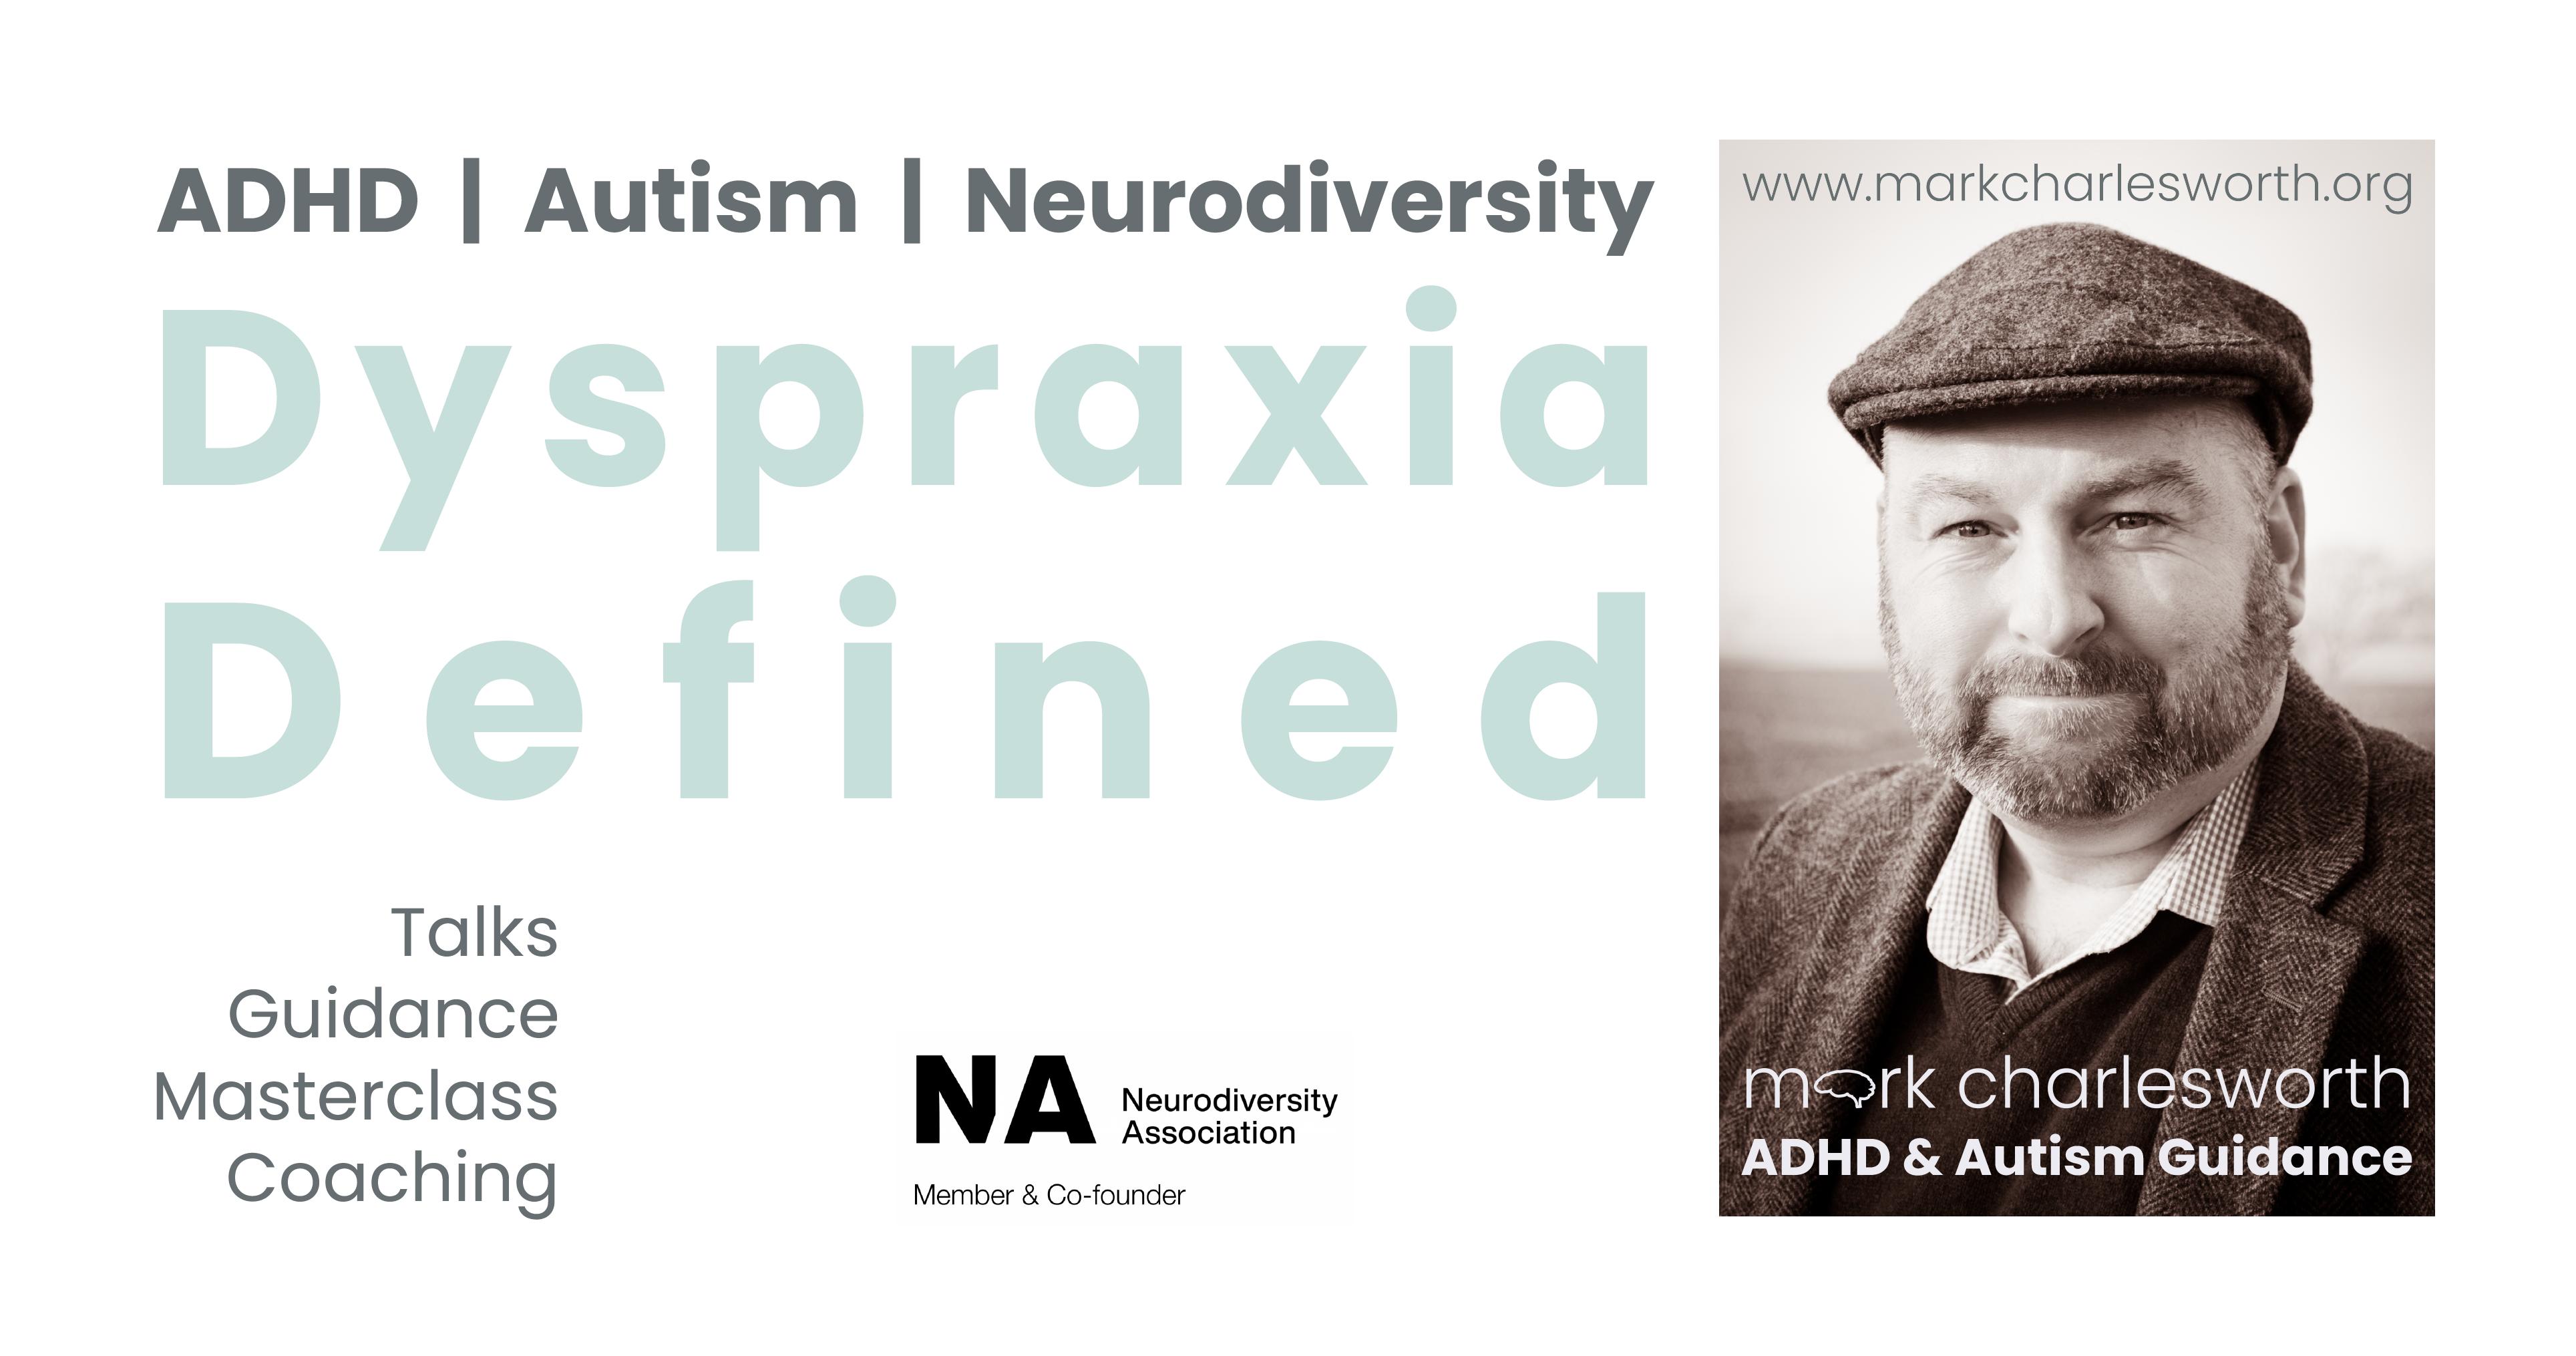 Dyspraxia Defined